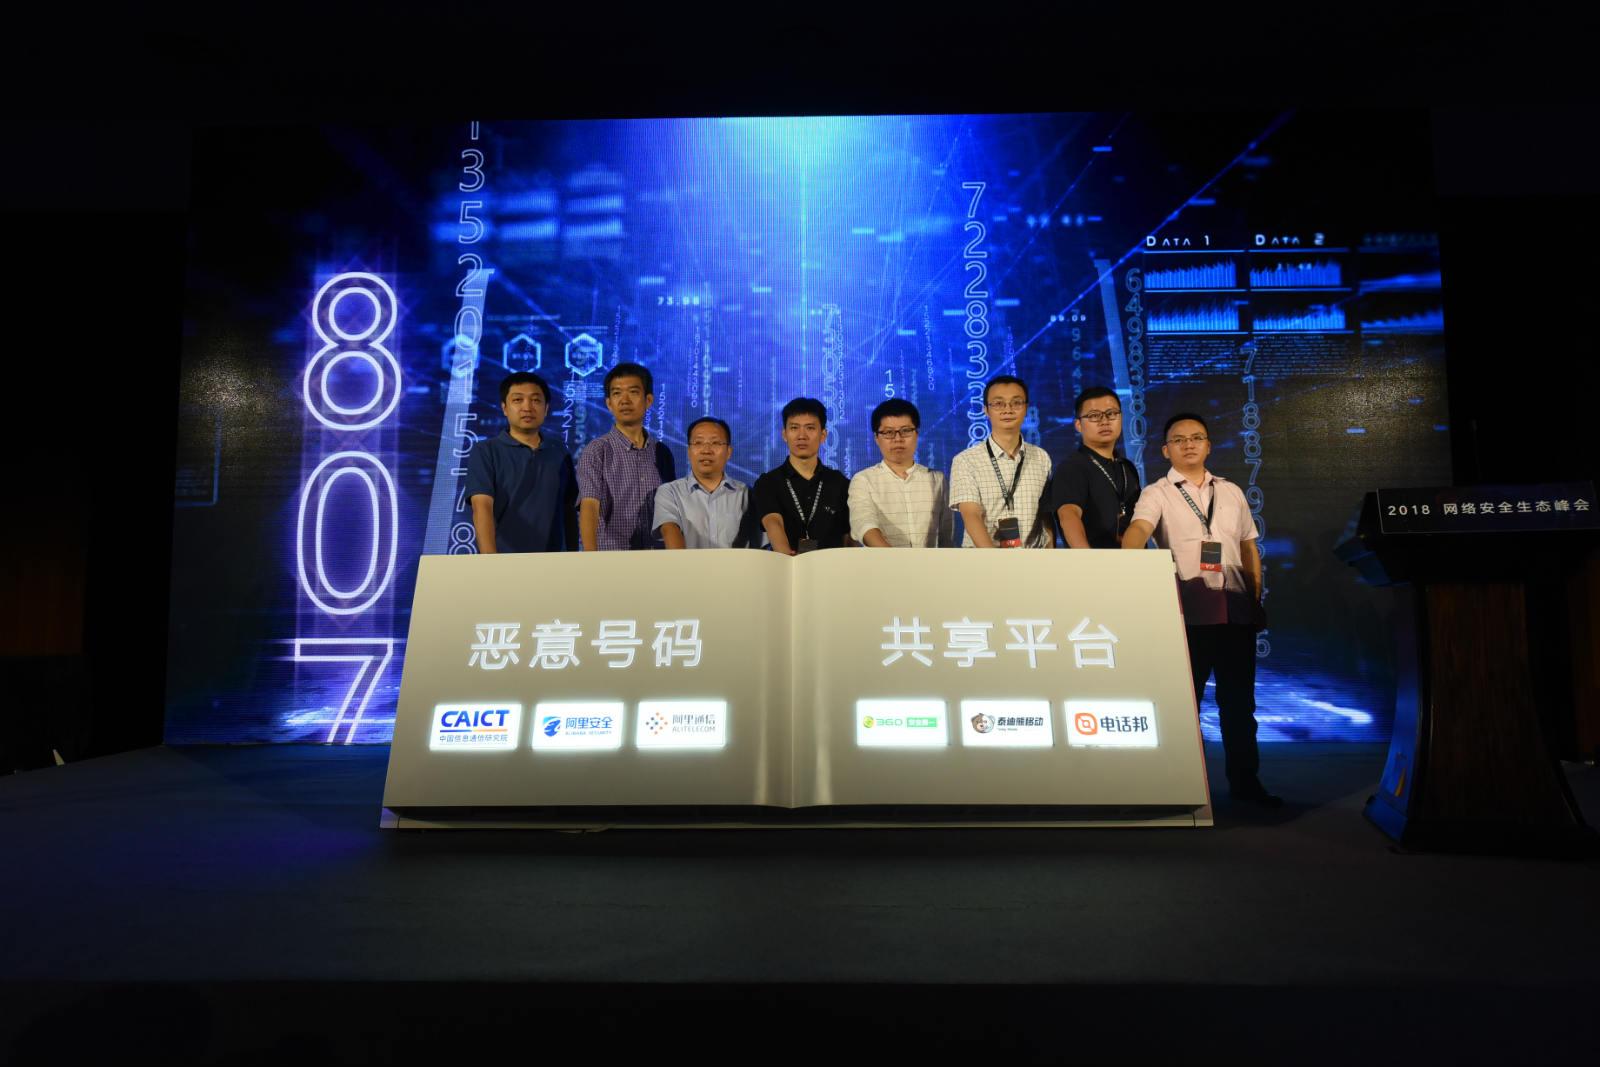 8月22日上午,中国信息通信研究院、码号服务推进组、阿里巴巴、中国电信、奇虎360、泰迪熊和电话邦等企业共建的国内首个恶意号码共享平台正式启动。_meitu_17